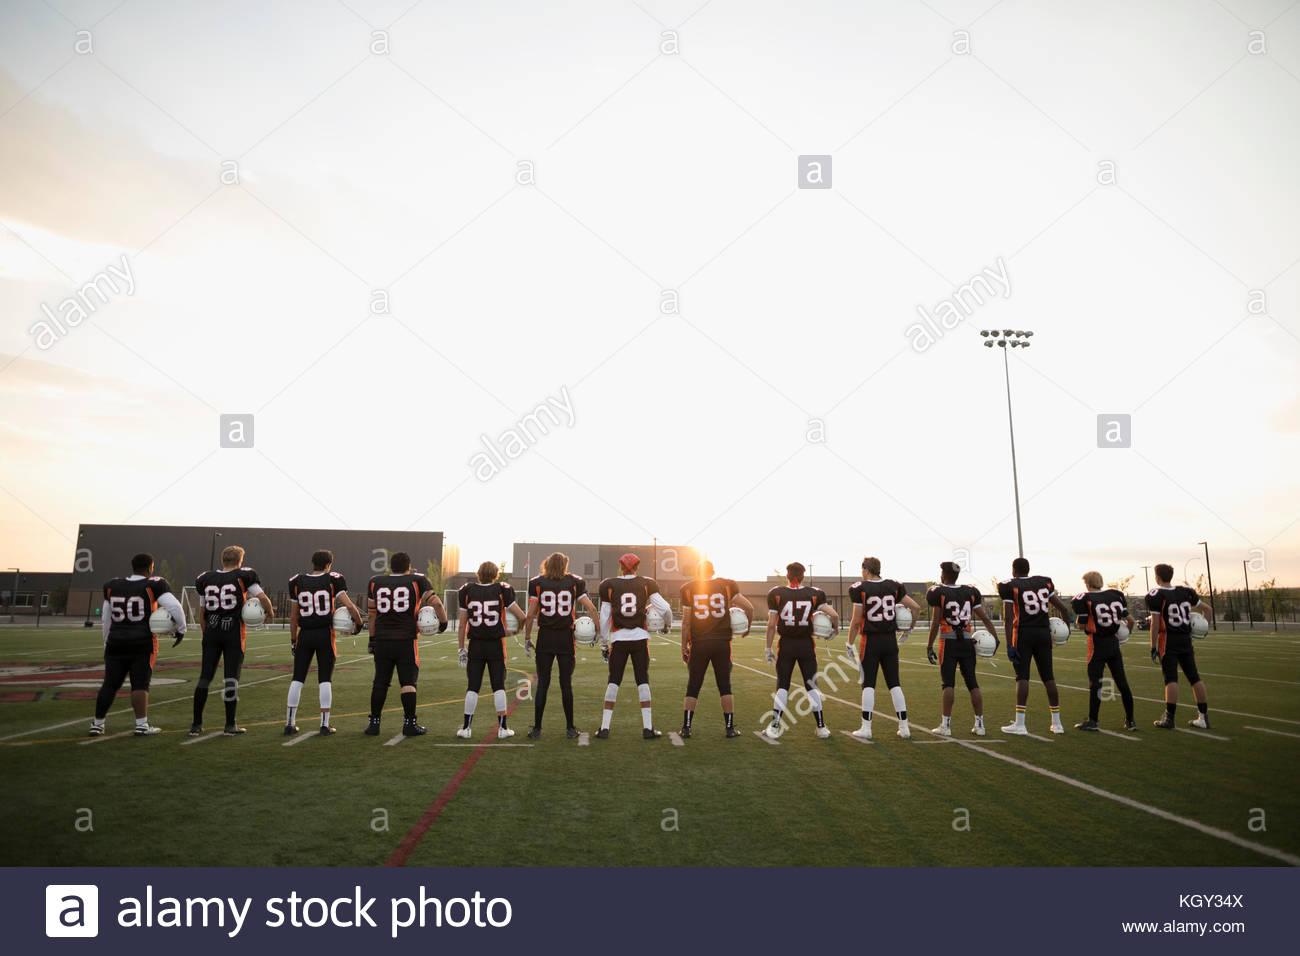 Vista trasera adolescente equipo de fútbol en la escuela secundaria de pie en una fila en el campo de fútbol Imagen De Stock